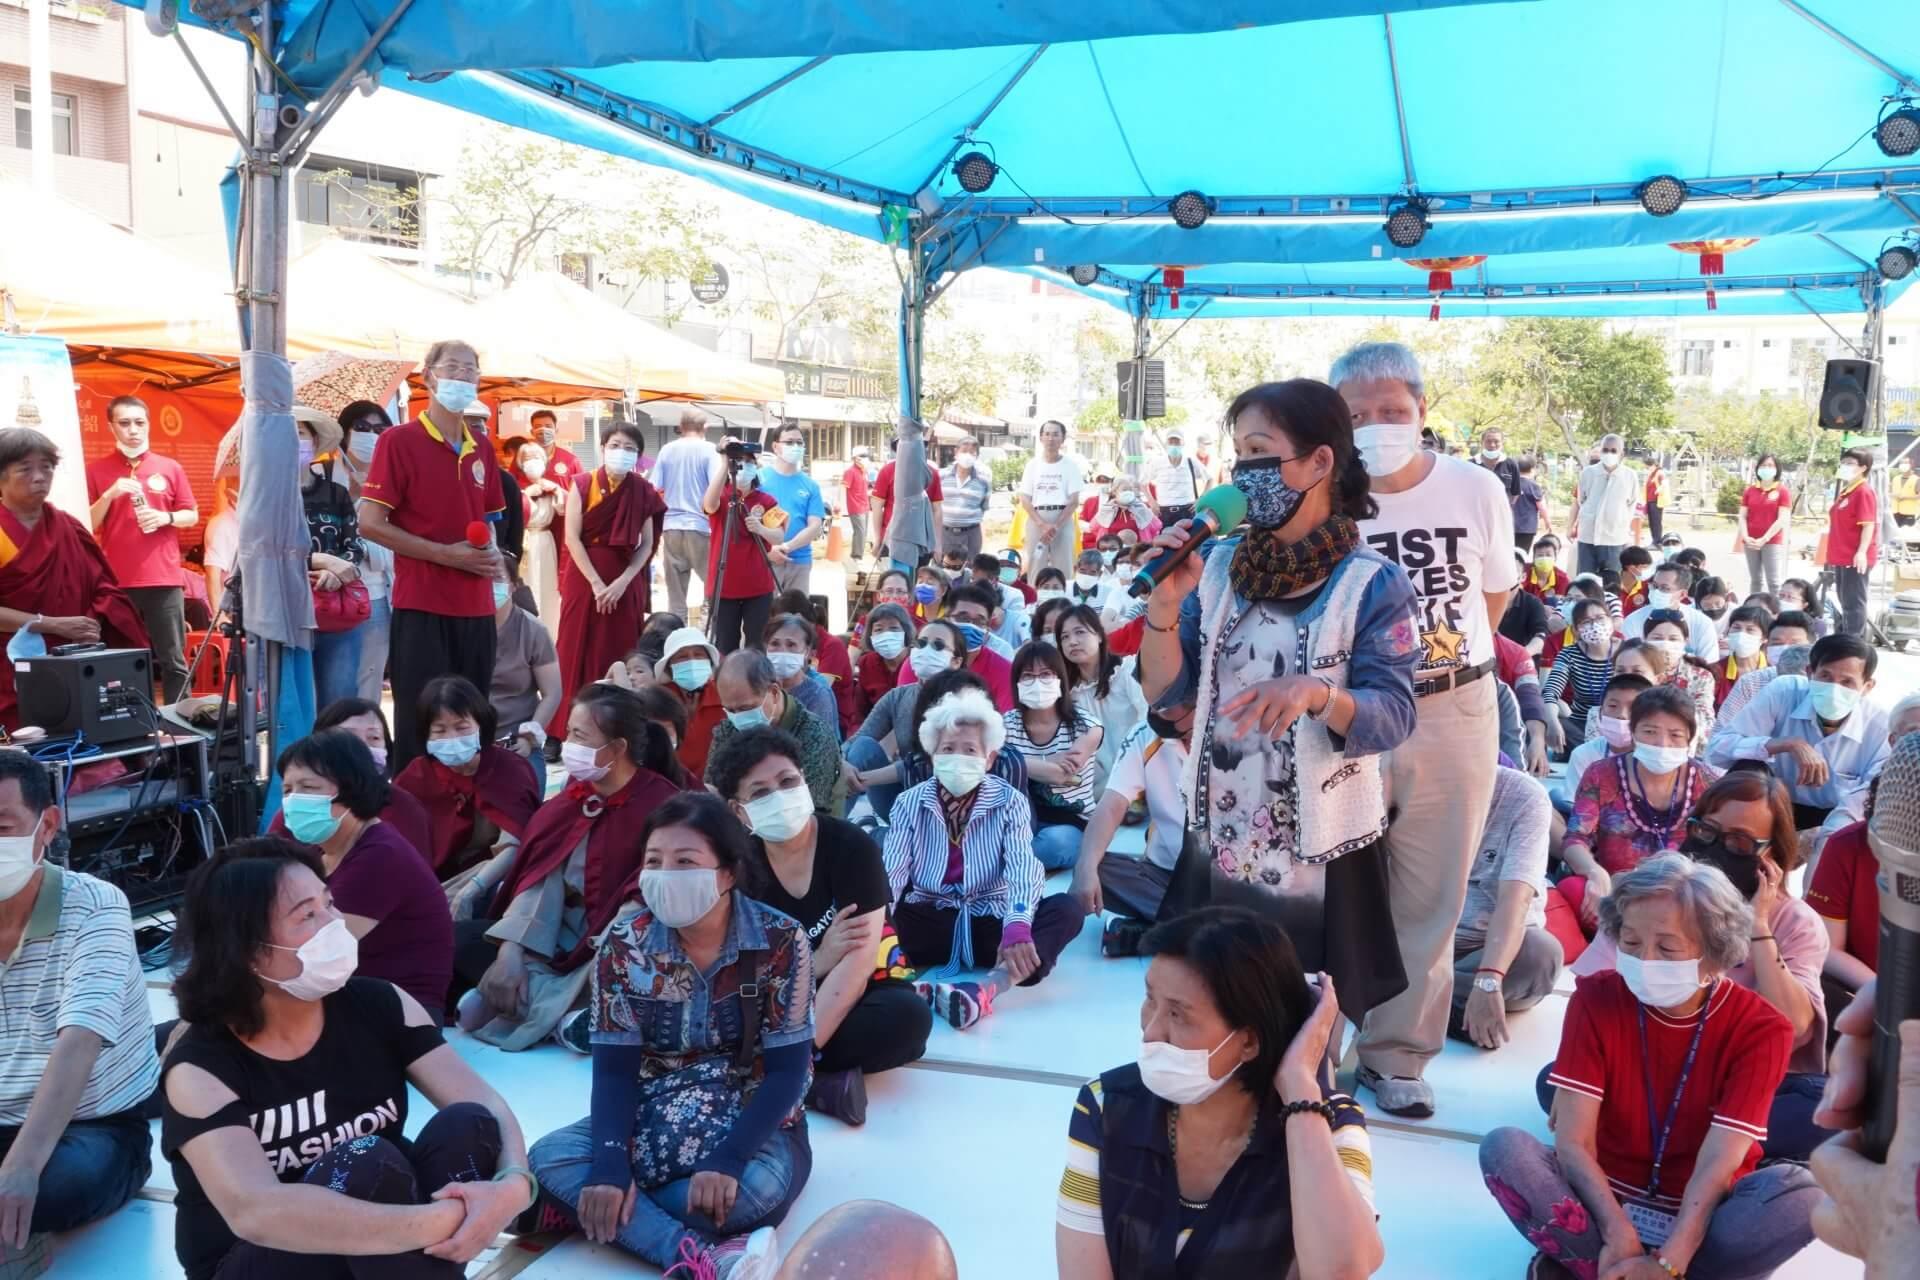 行動佛殿130站台南大興公園,觀音大悲感召加持法會,信眾心得分享